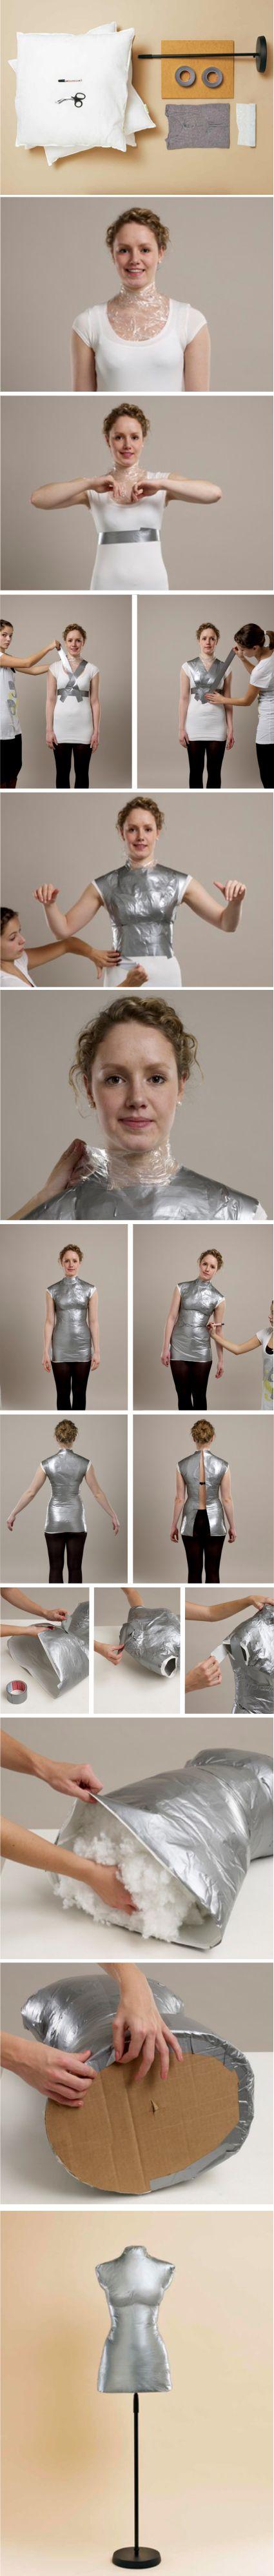 How to make a personalized dress form » Random Tuesdays